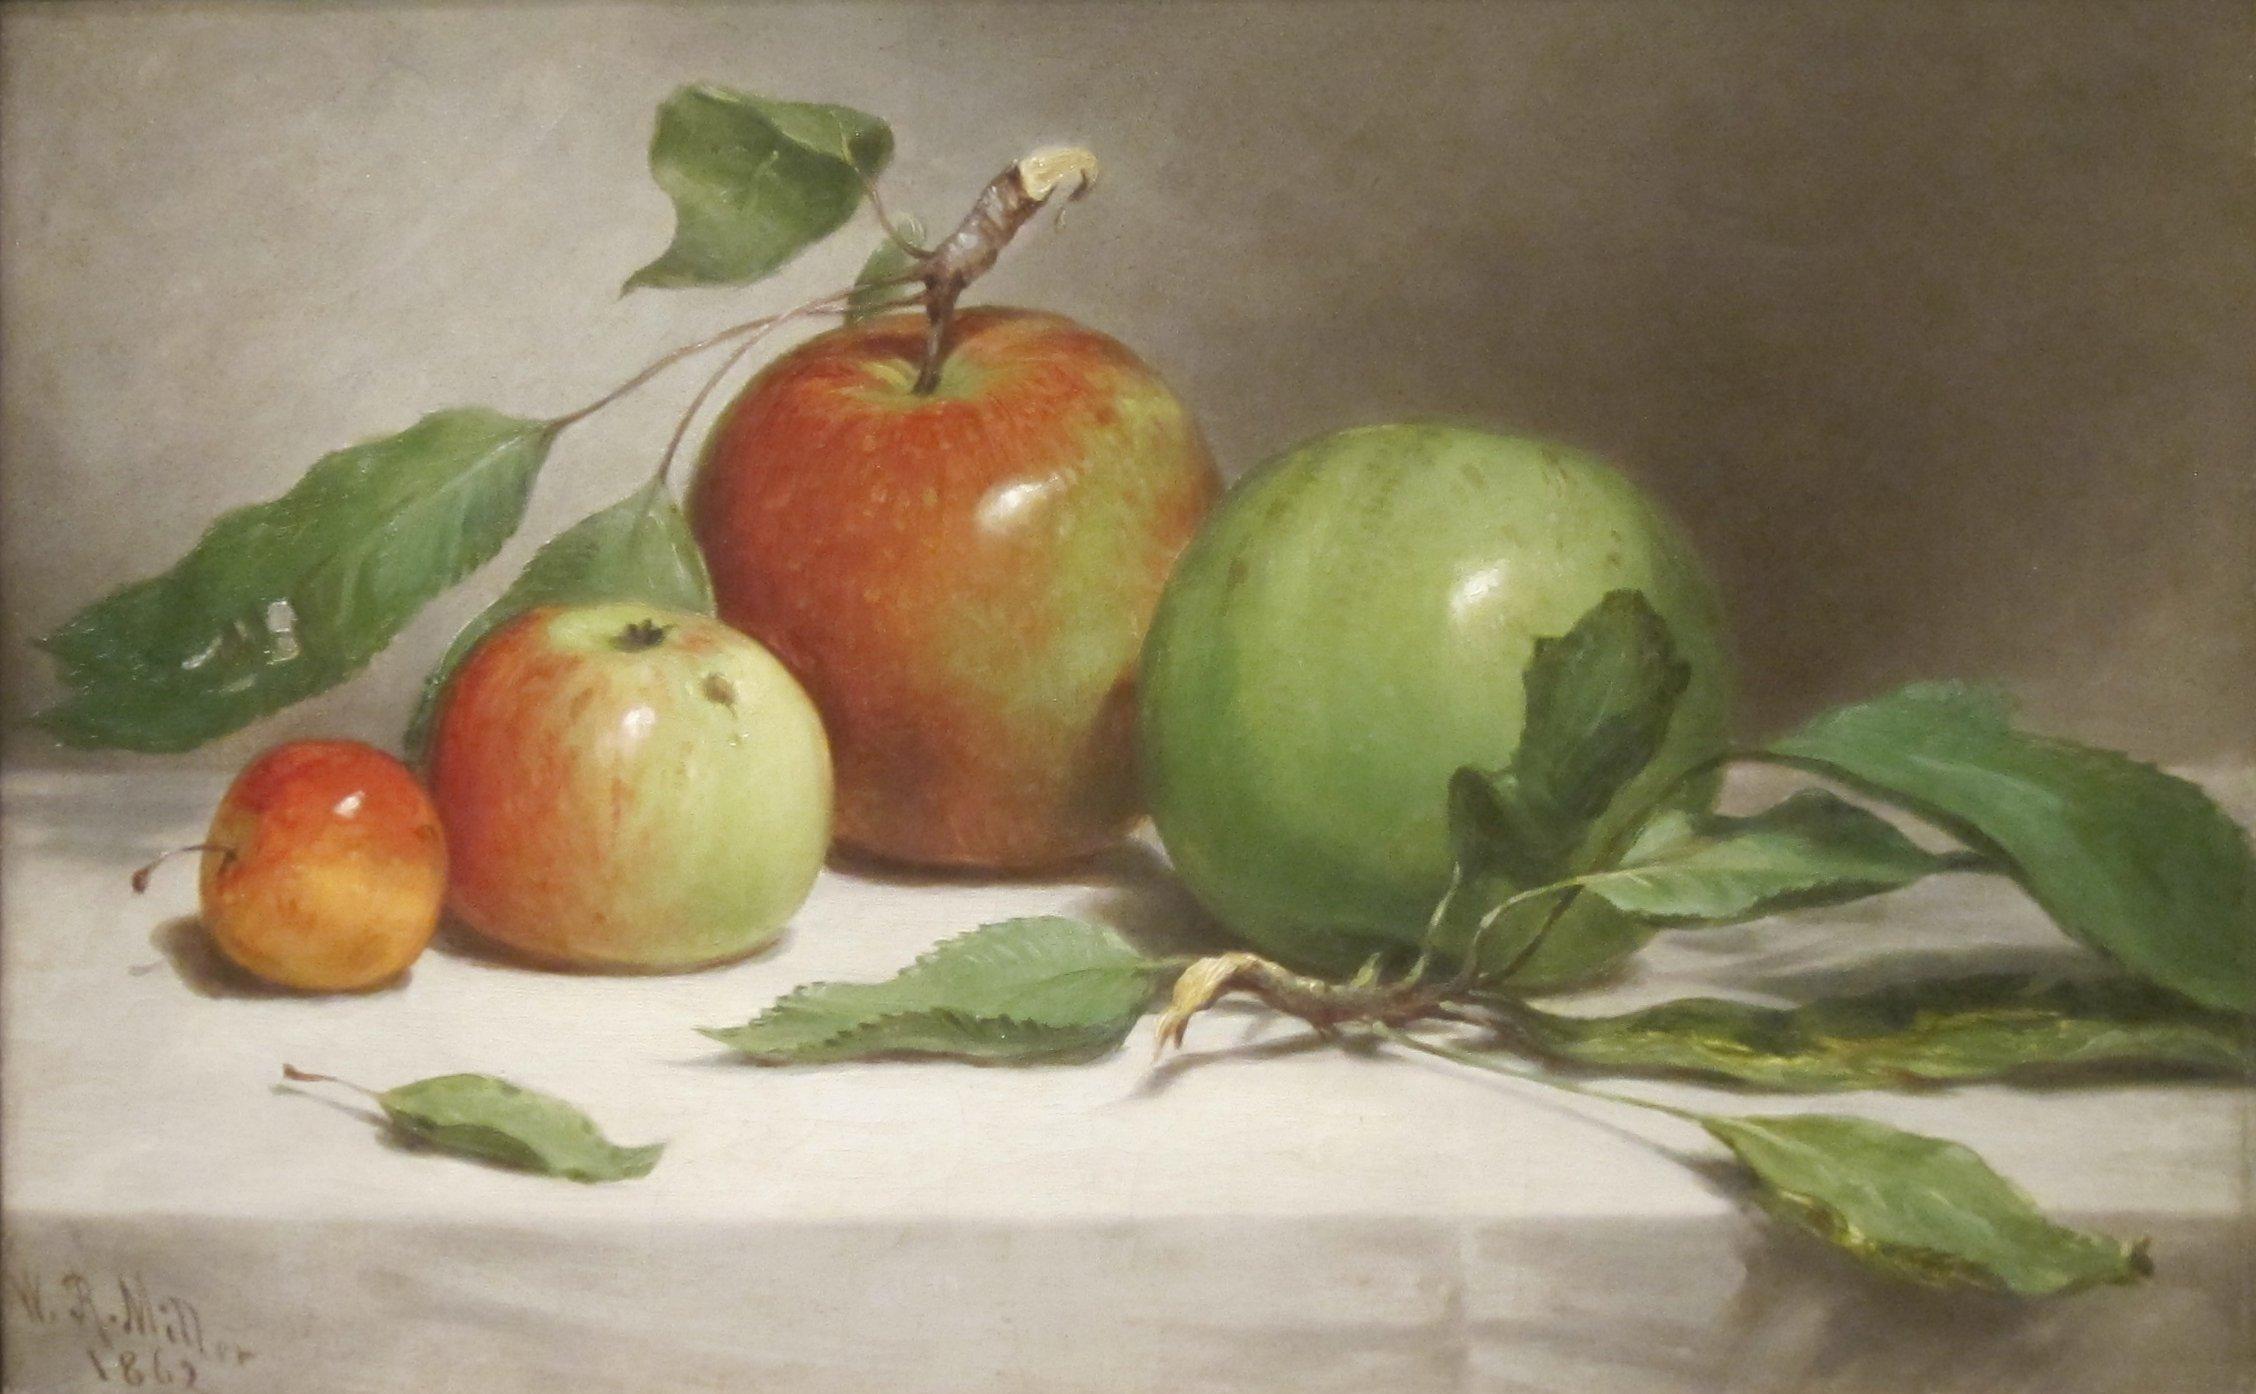 filestill lifestudy of apples by william rickarby